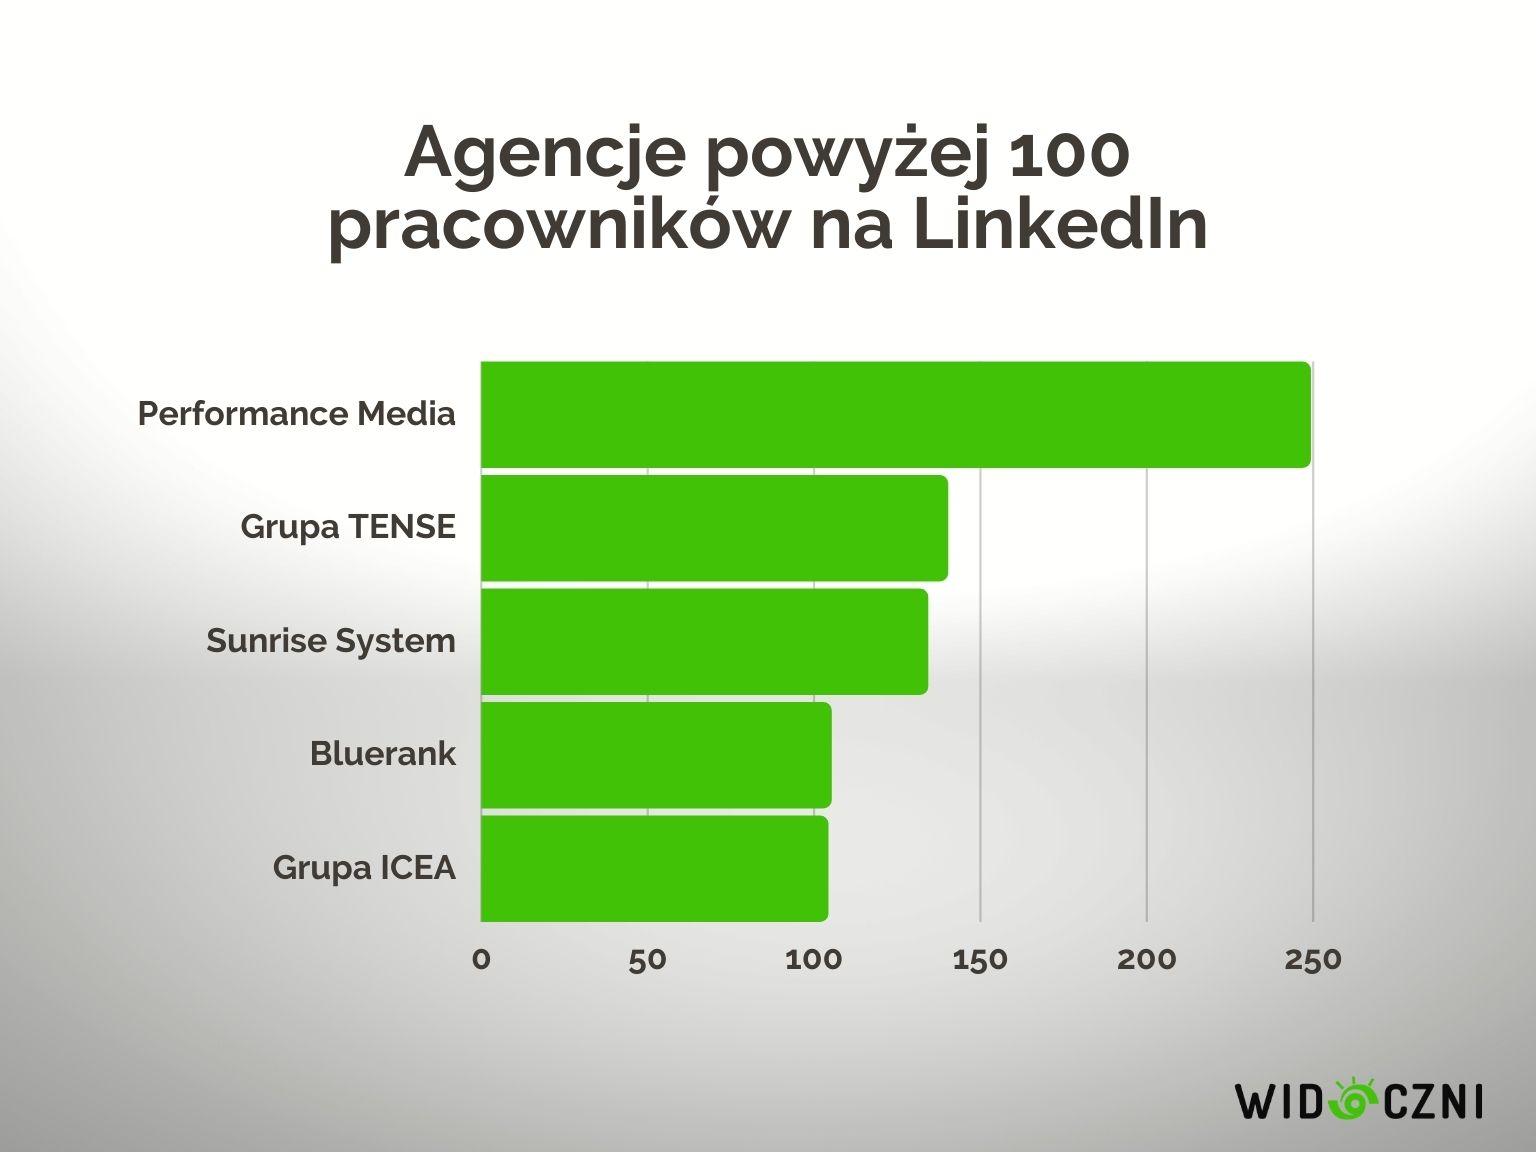 2 agencje powyzej 100 pracownikow